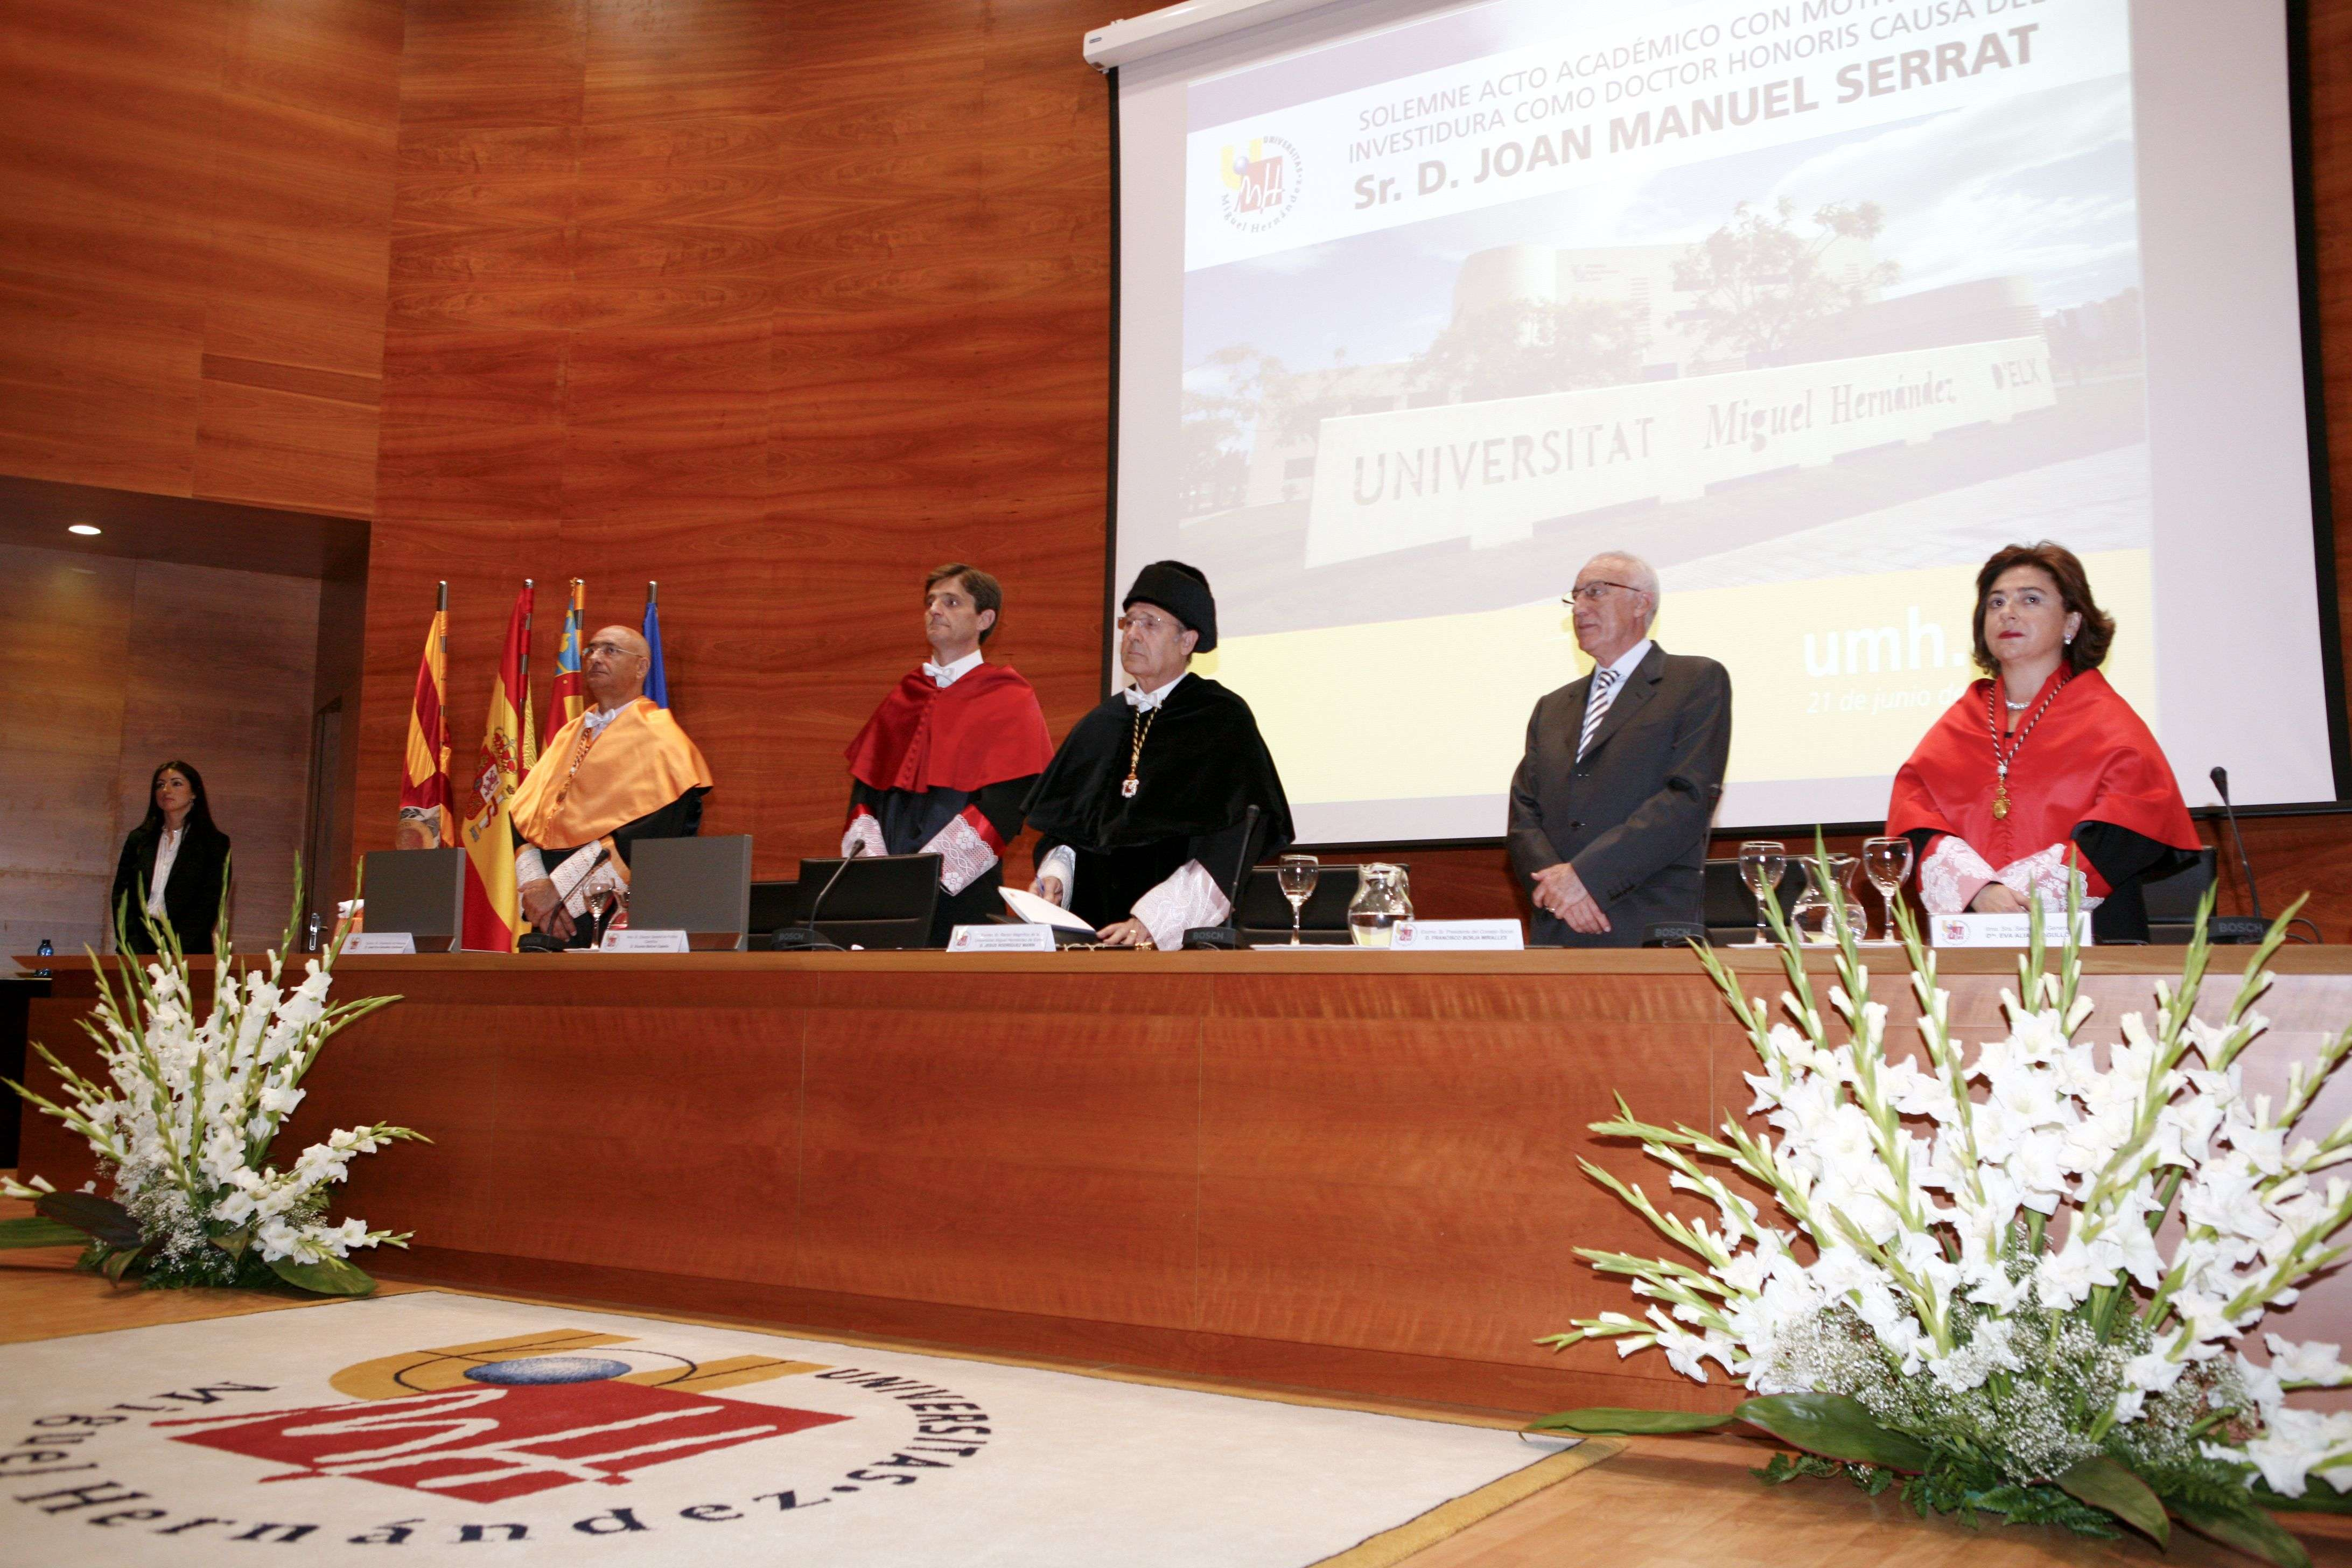 joan-manuel-serrat-210.jpg